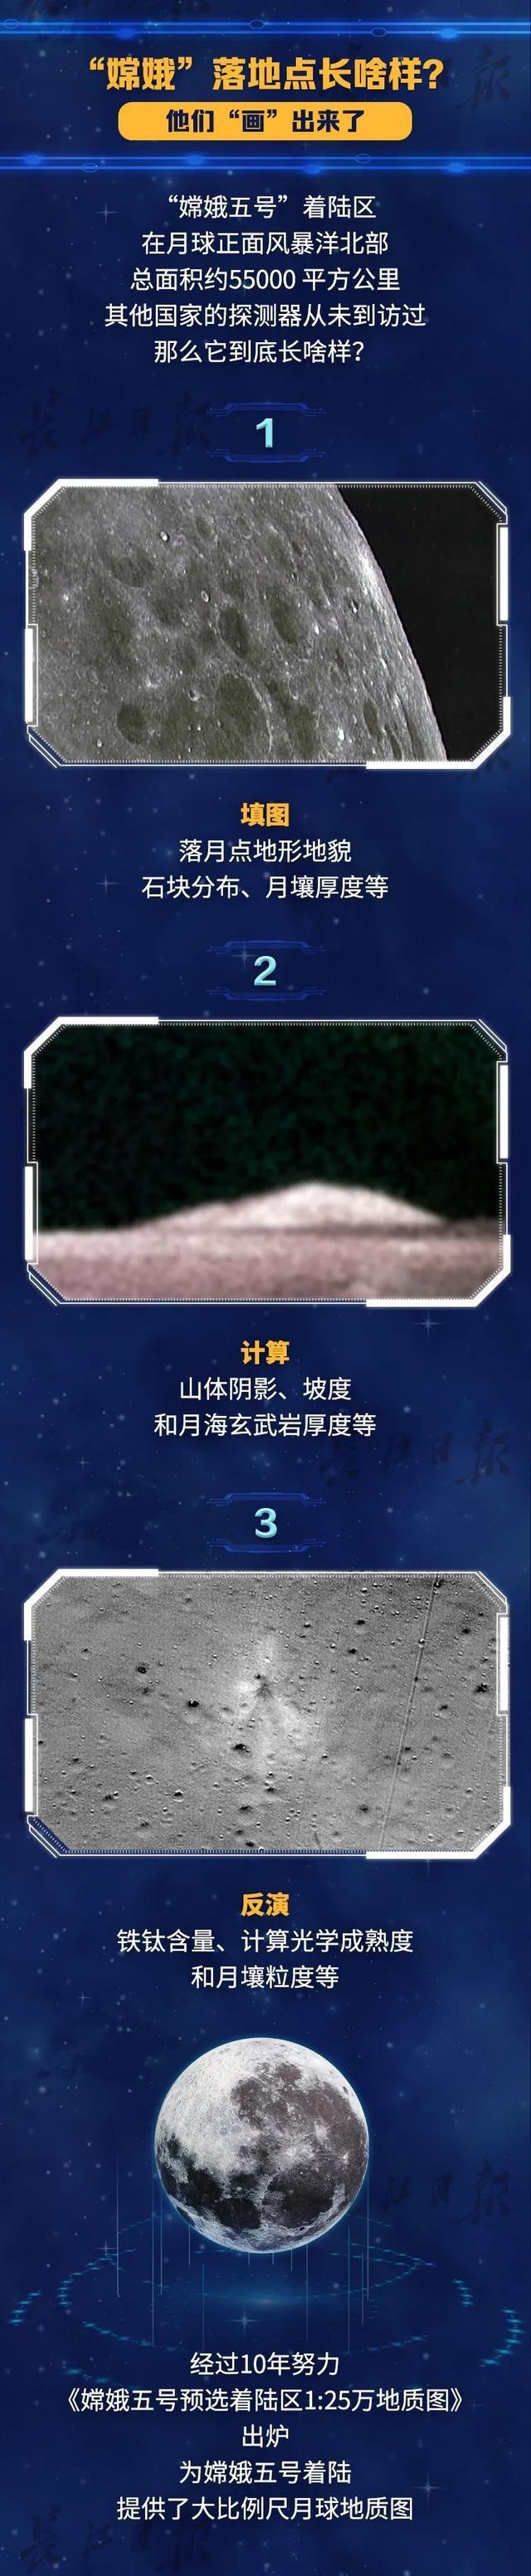 当月亮落下时,地球将被占领!武汉的田团教授:我们这样帮嫦娥挖... 第6张